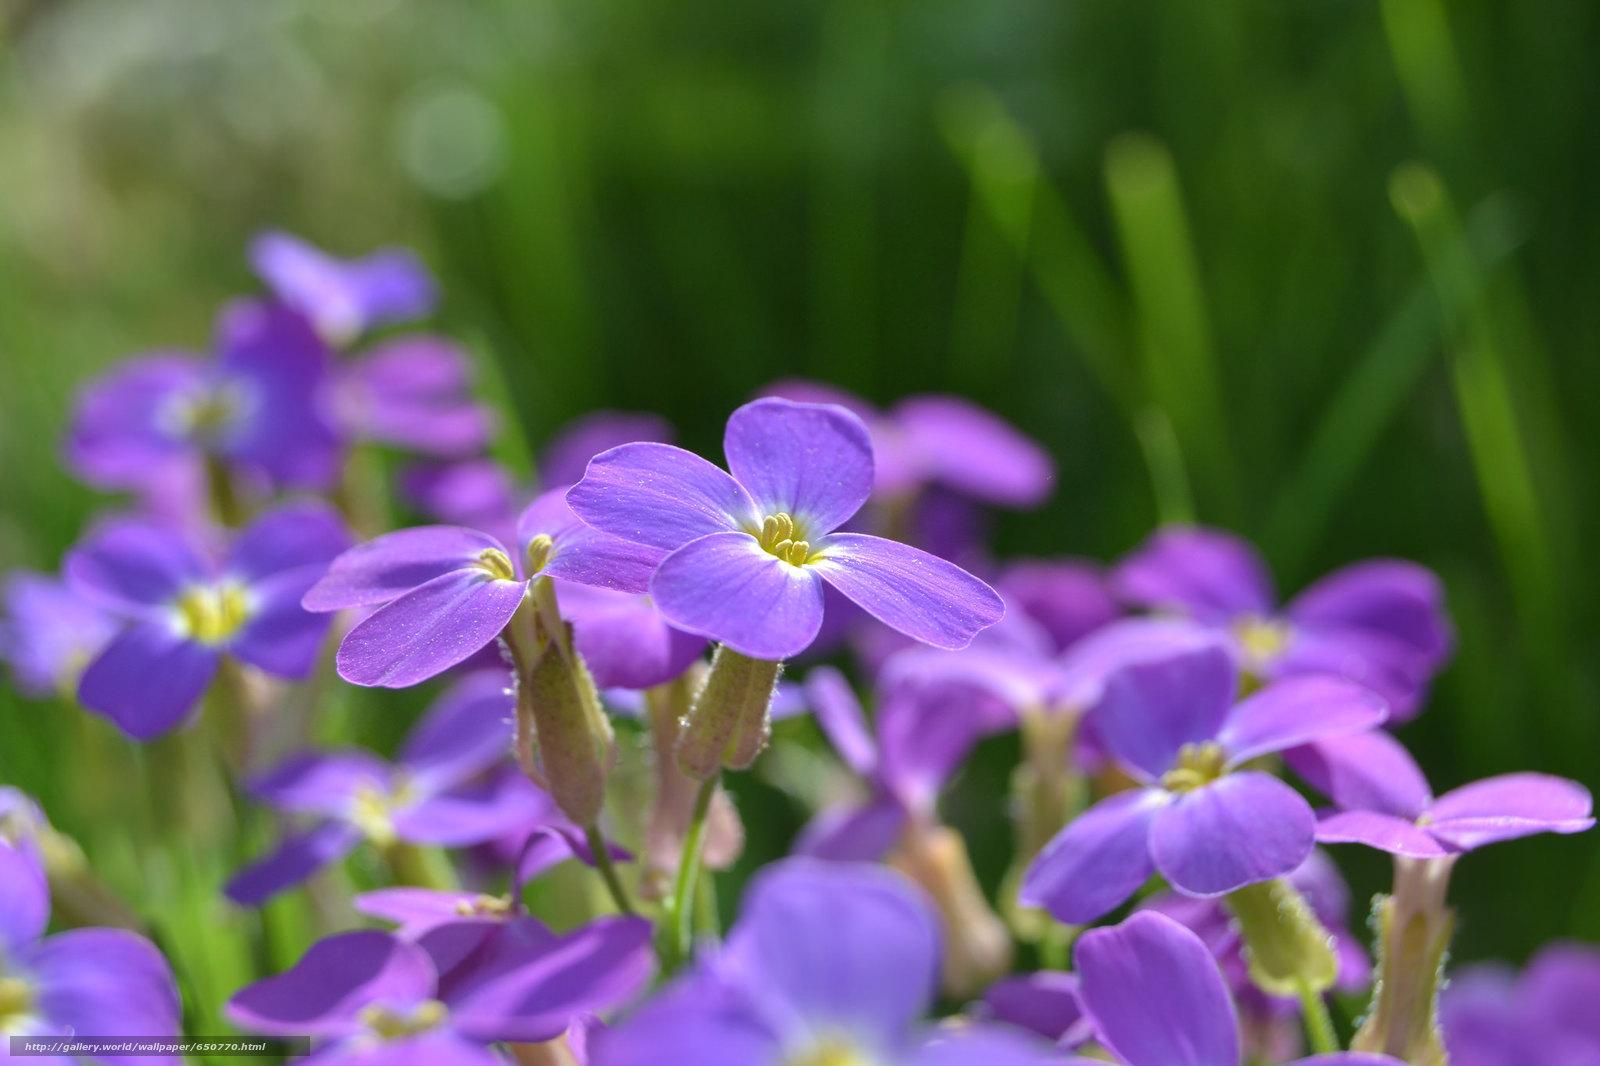 Скачать обои цветы,  цветок,  макро,  флора бесплатно для рабочего стола в разрешении 2048x1365 — картинка №650770